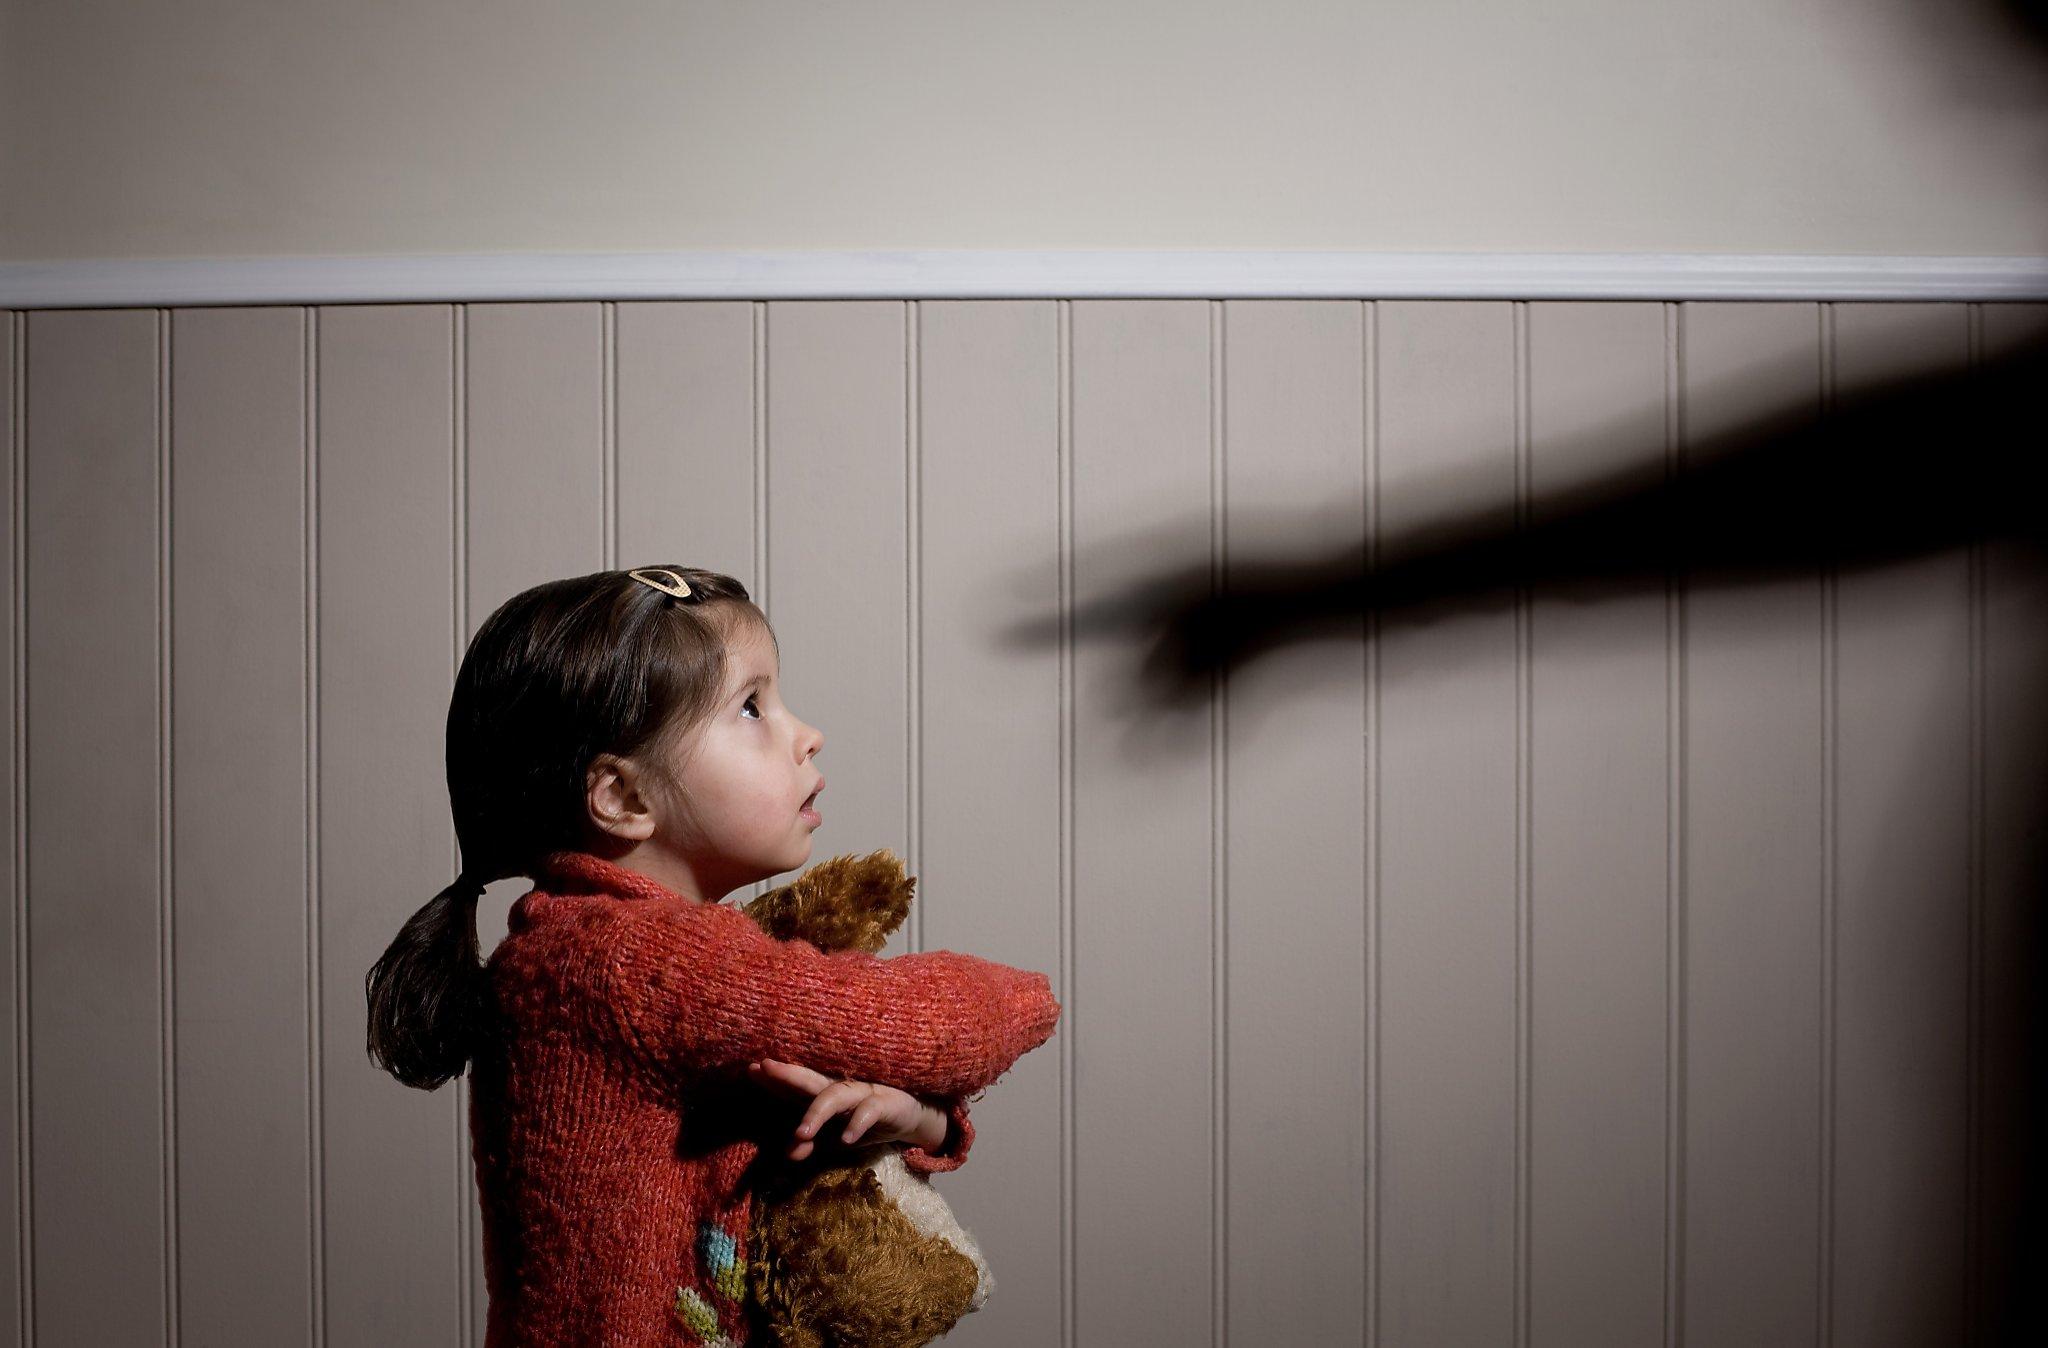 Elmalı Davası'nda çocukların avukatı konuştu: İstismardan değil delil karartmadan tutuklandılar! Çocukları görseniz uyku uyuyamazsınız!